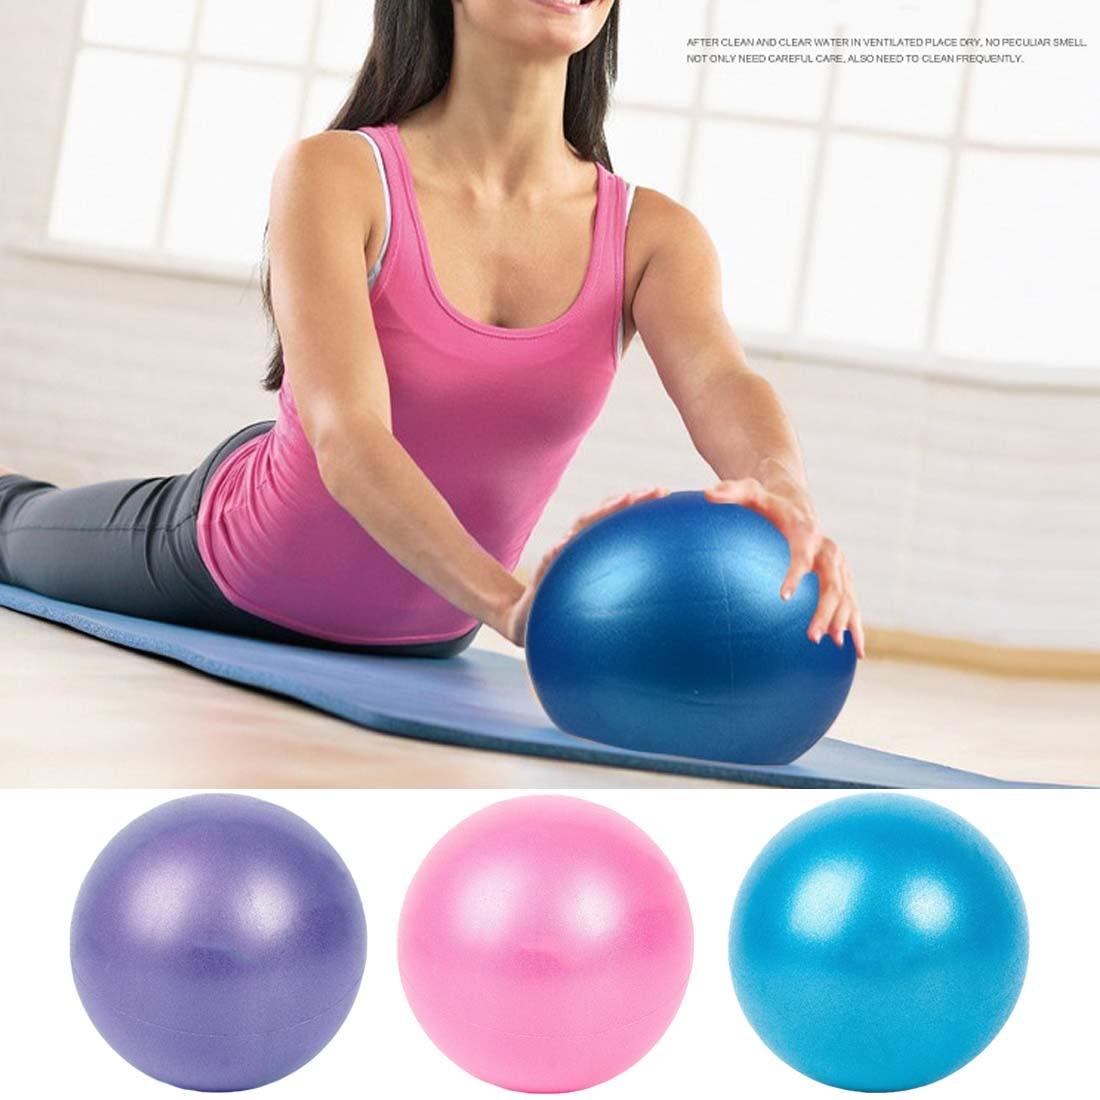 New 25cm Pelota Yoga Exercise Gymnastic Fitness Pilates Ball Balance Exercise Gym Fitness Yoga Core Ball Indoor Gym Yoga Ball